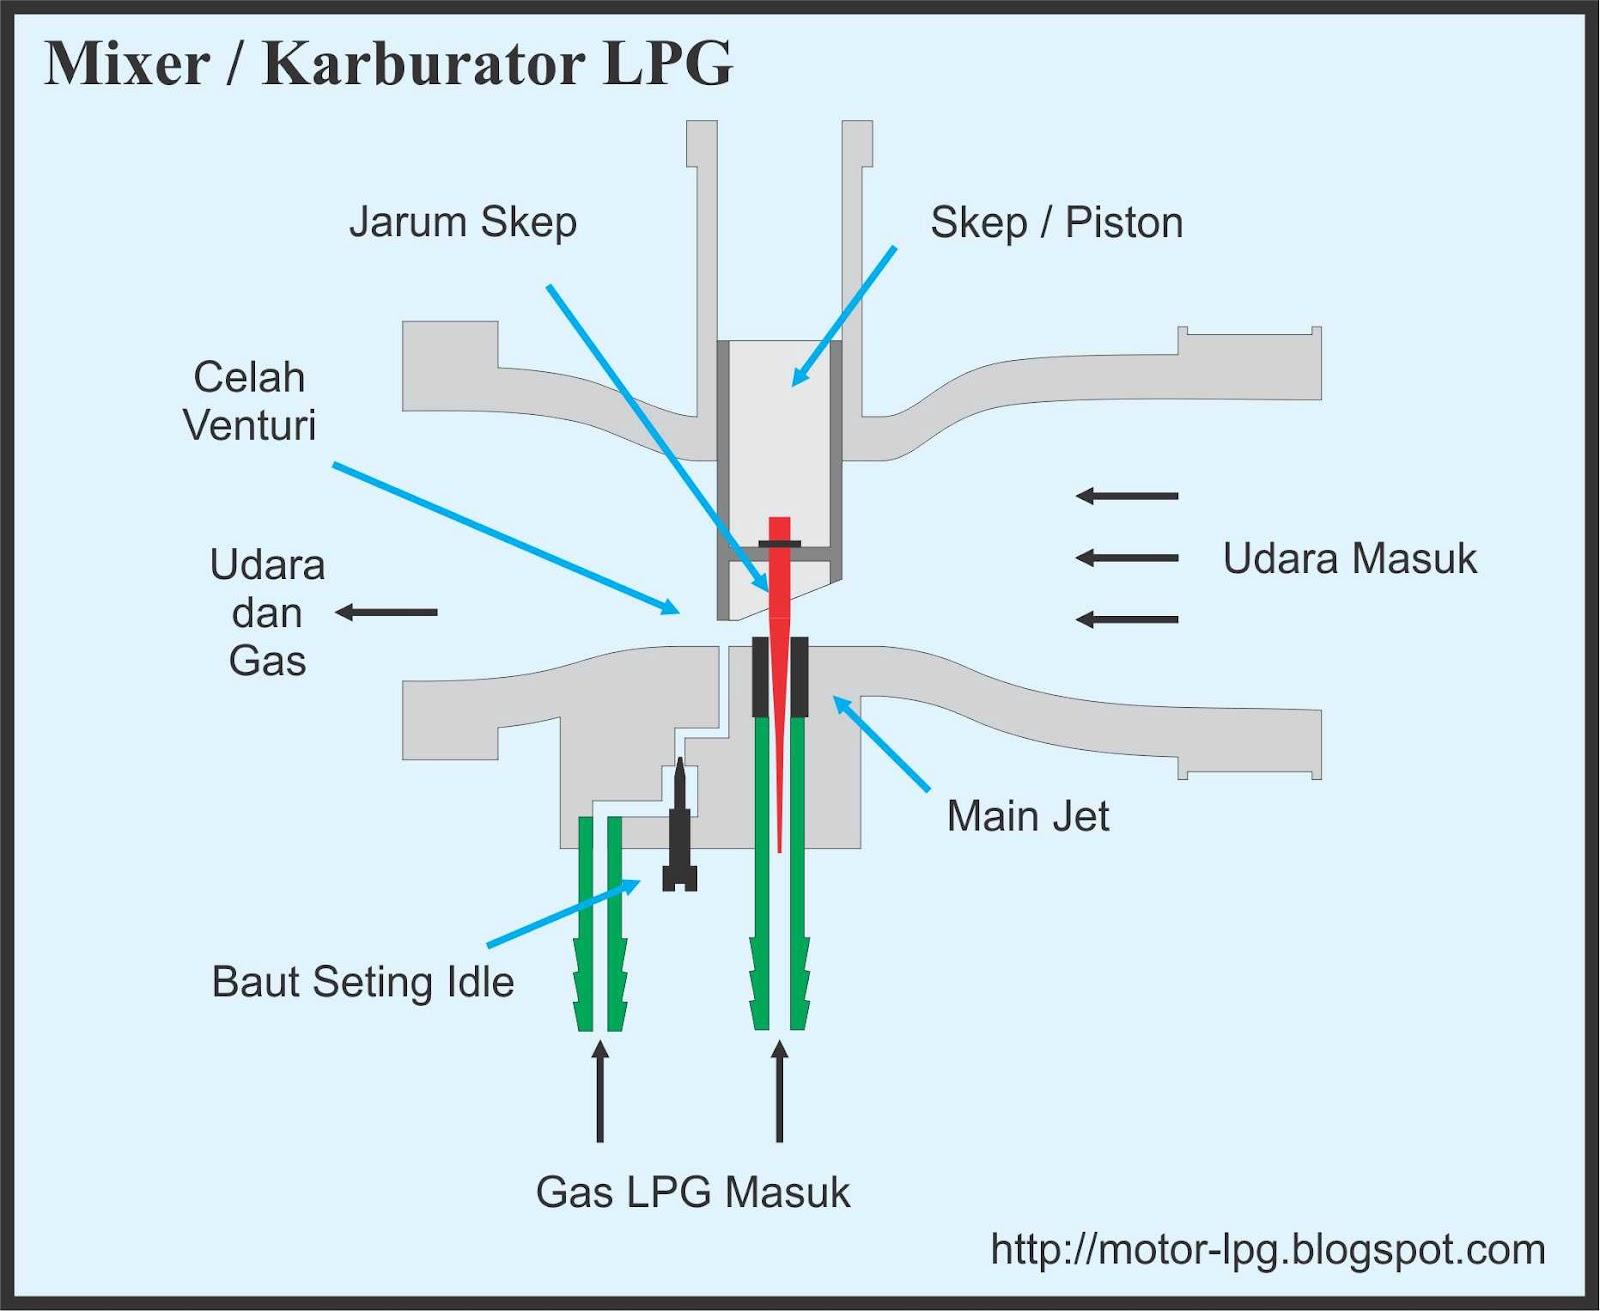 Gambar 2. Skema Dasar Mixer atau Karburator LPG